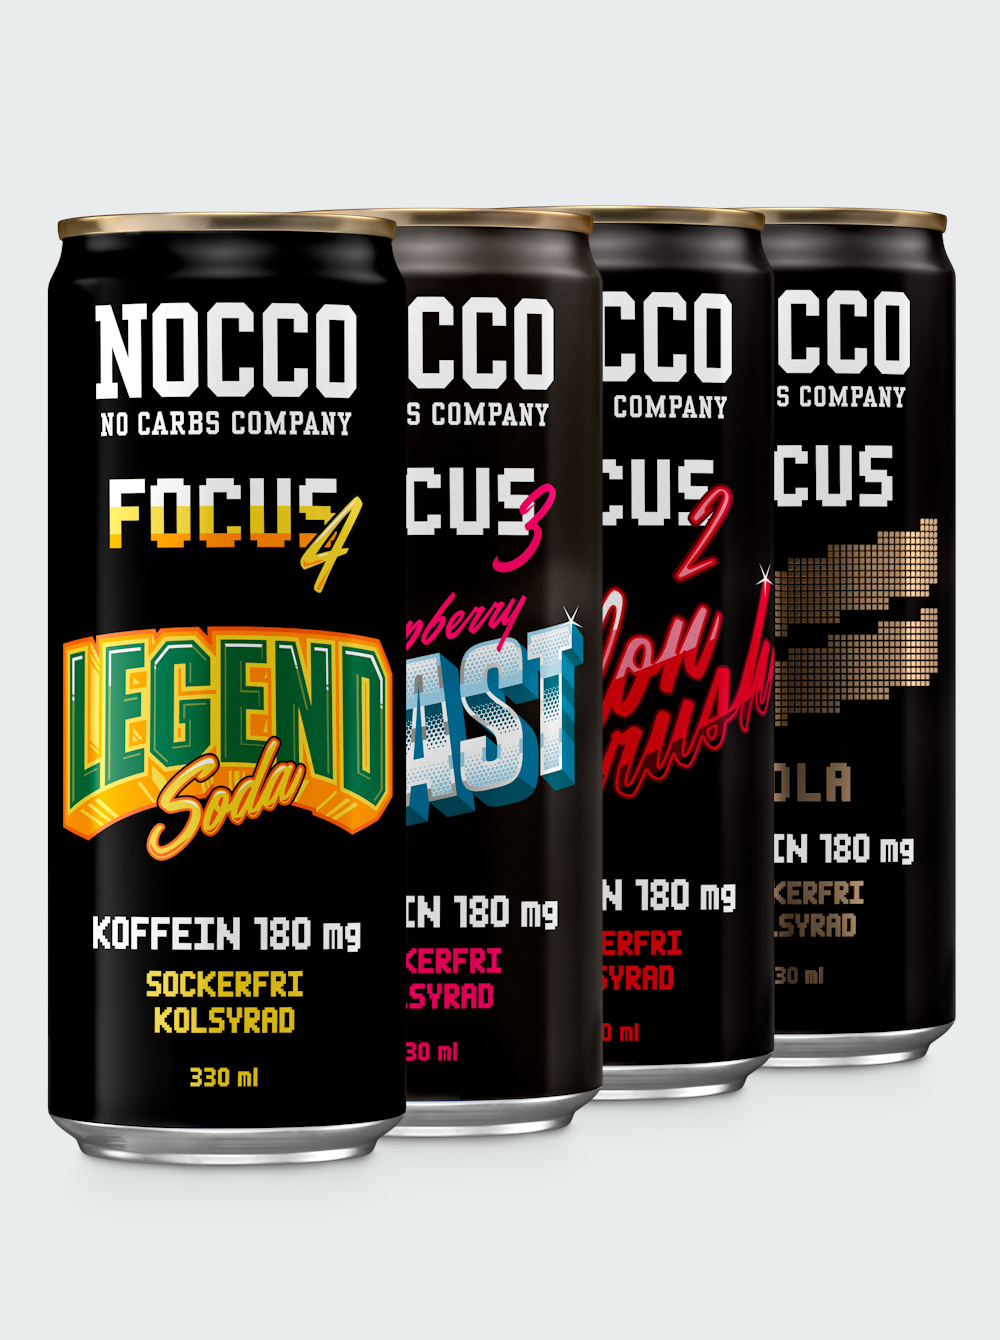 NOCCO Focus Mix